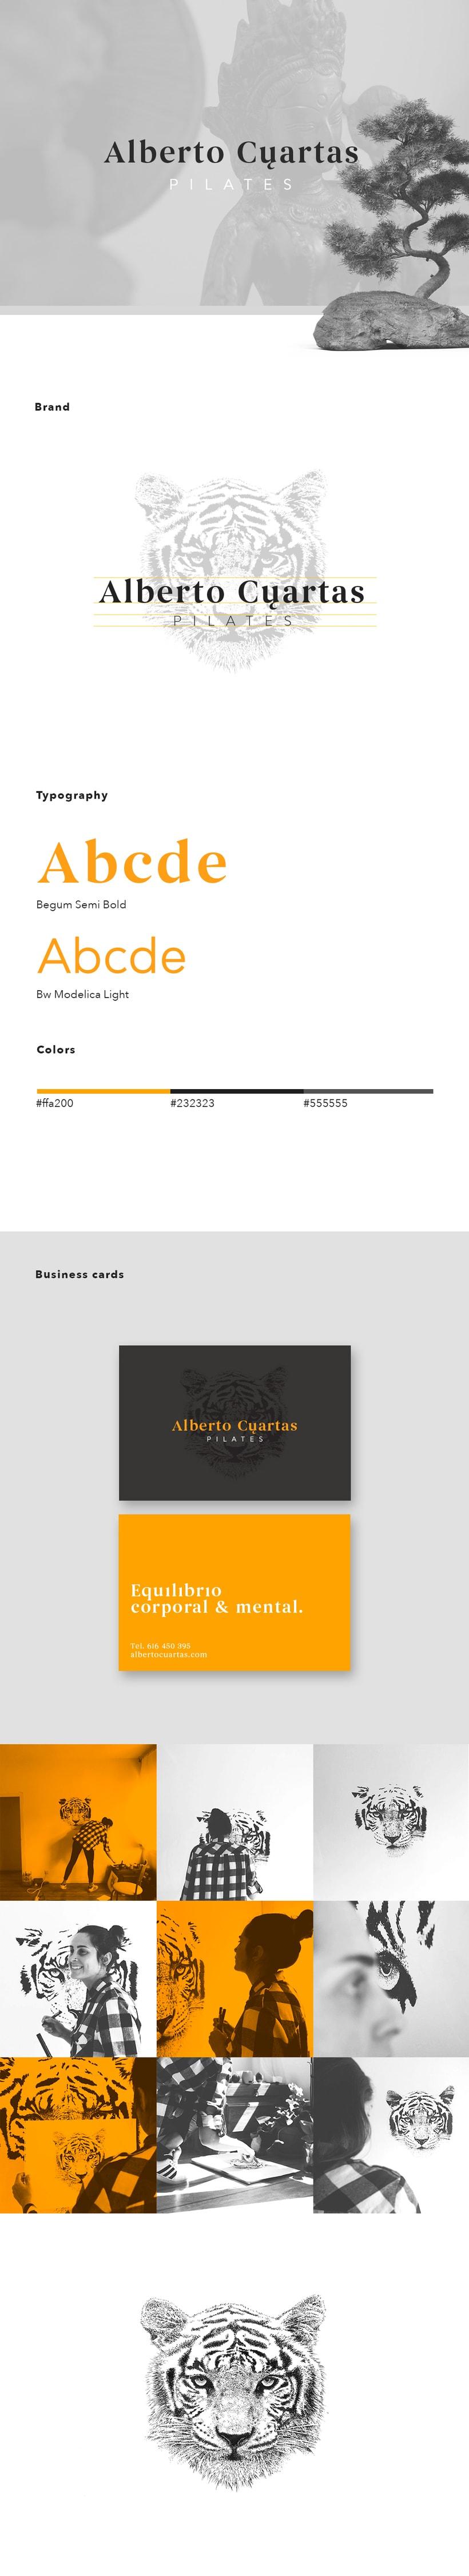 Alberto Cuartas Pilates -1